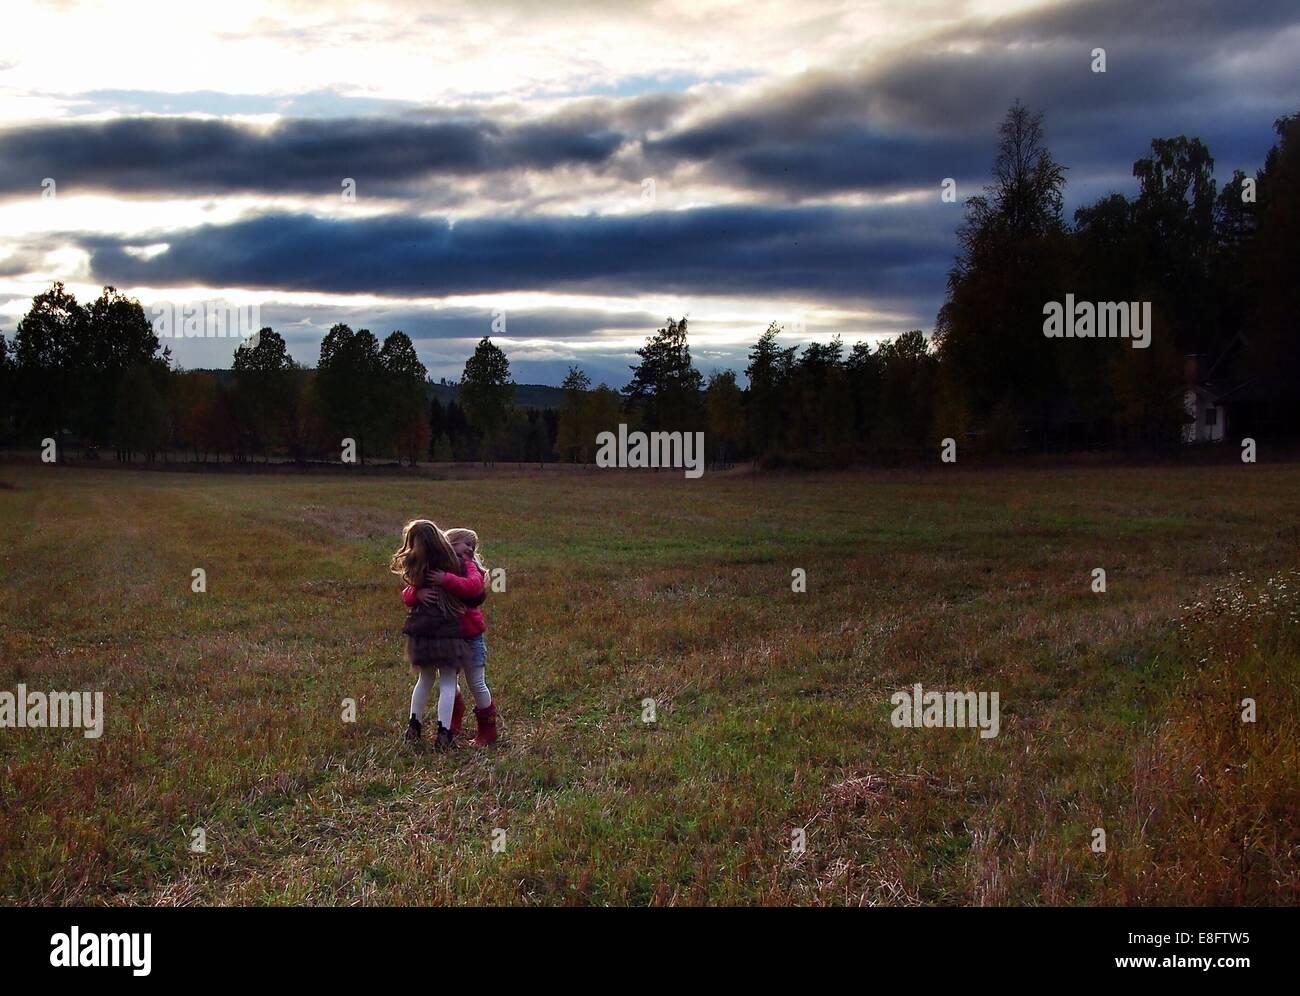 La Svezia, due ragazze (6-7 anni, 8-9 anni) abbracciando all'aperto Immagini Stock